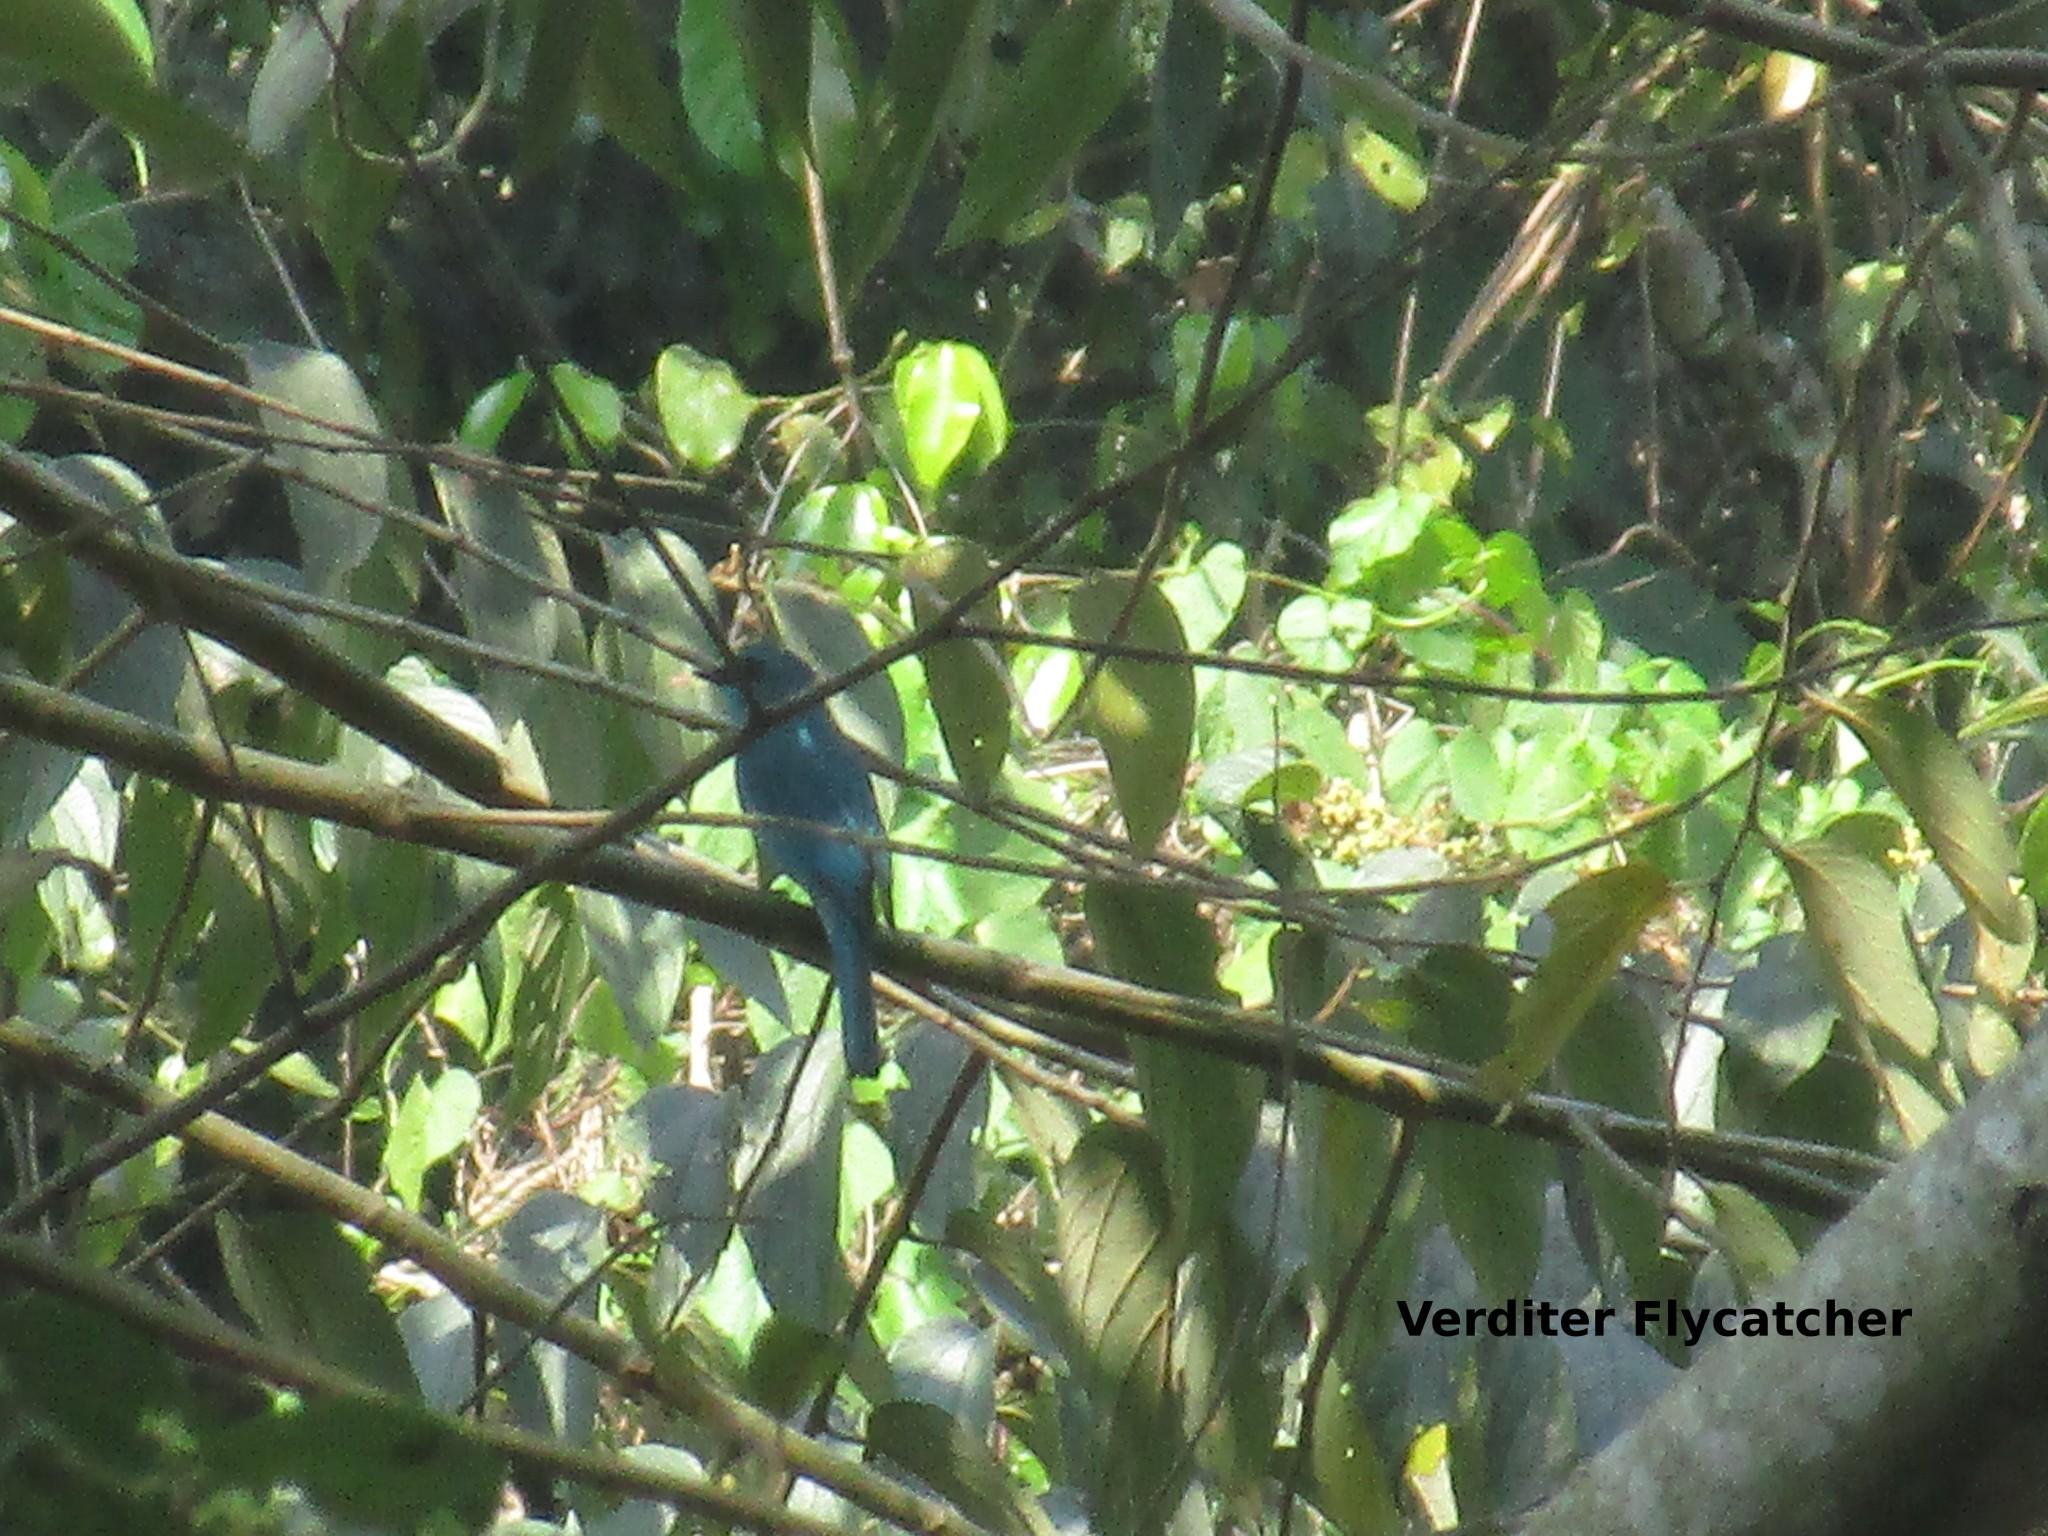 v.flycatcher